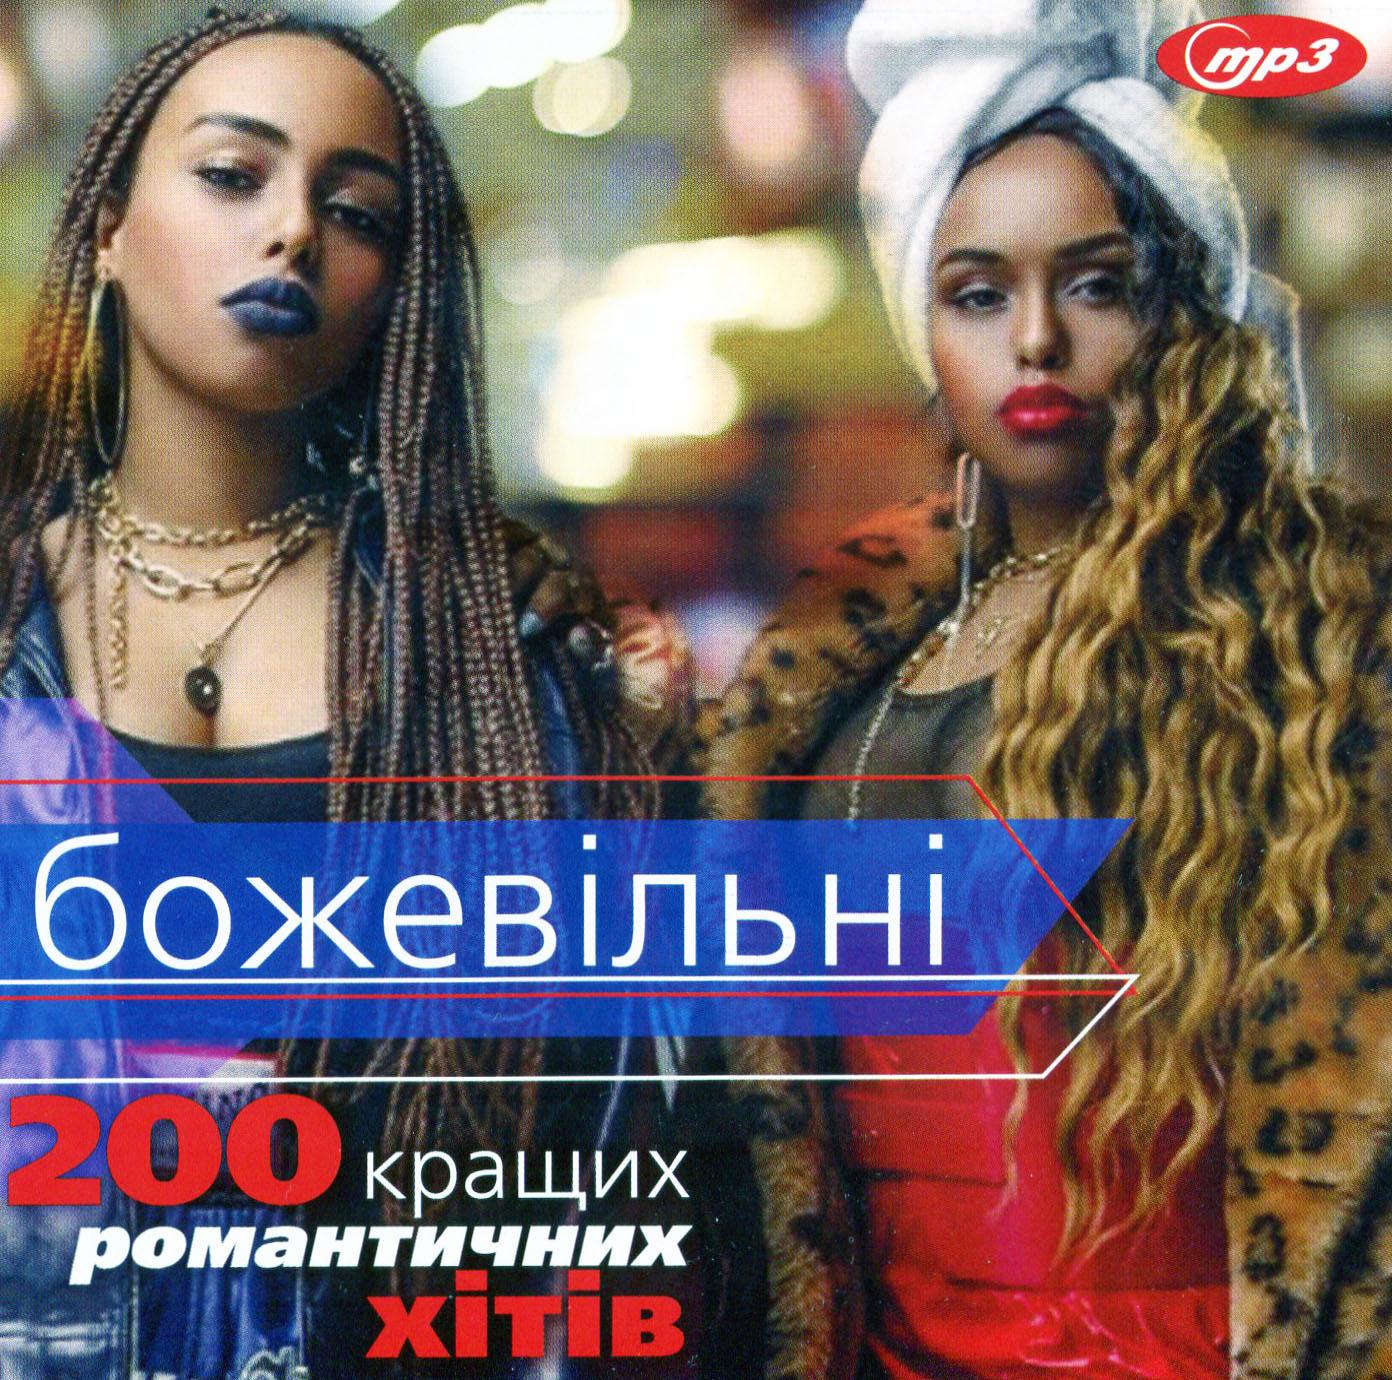 БОЖЕВІЛЬНІ - 200 кращих романтичних хітів [mp3]